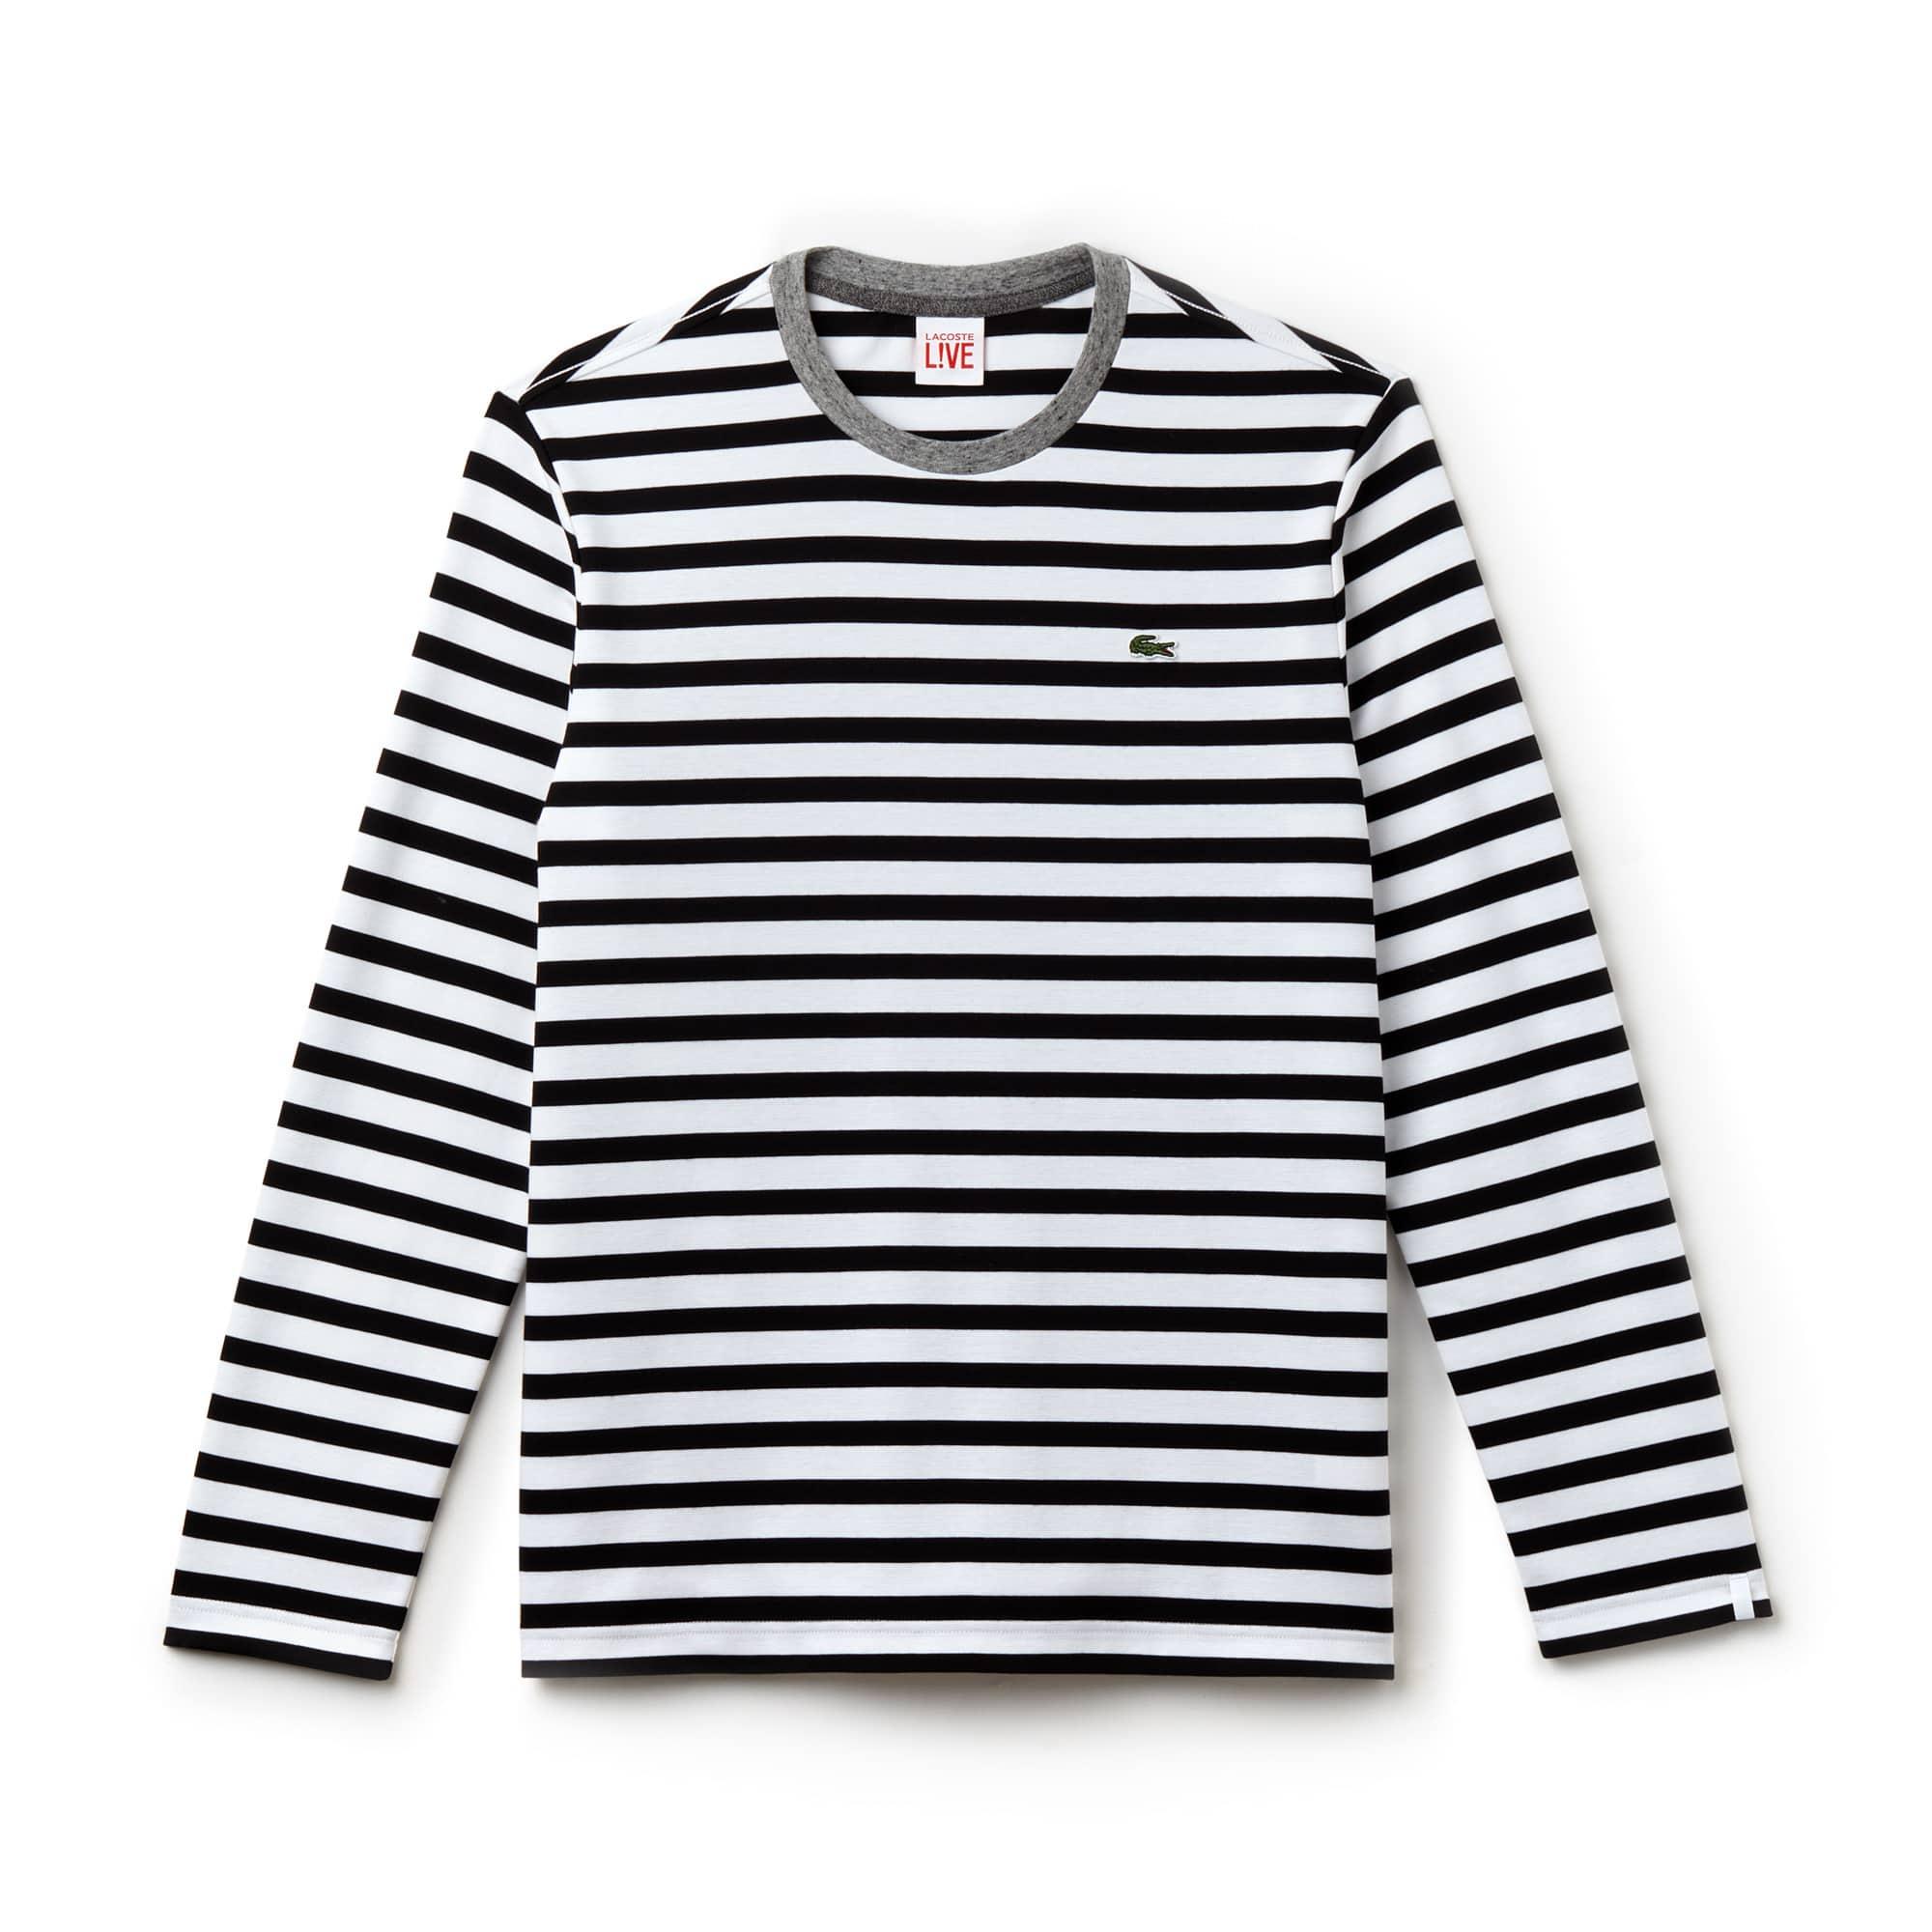 Marinara con collo a contrasto Lacoste LIVE in jersey di cotone